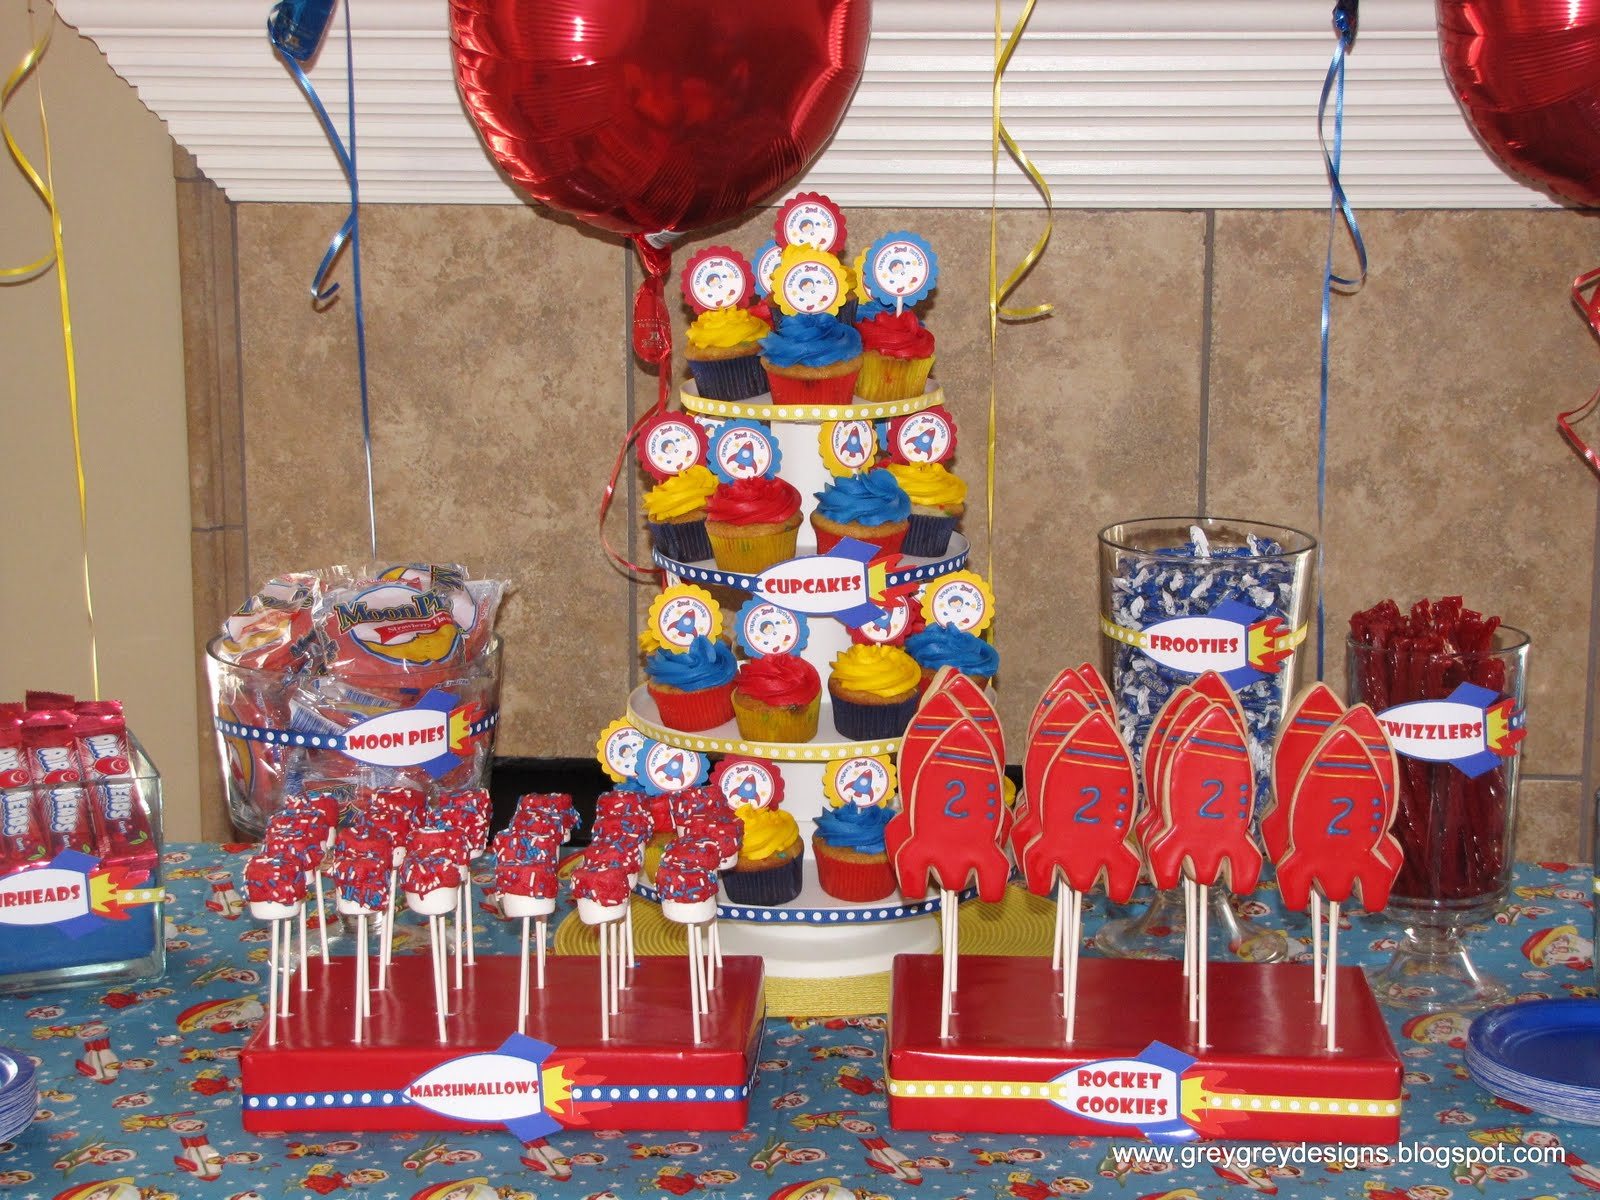 Greygrey designs my parties greysons retro rocket 2nd birthday greygrey designs my parties greysons retro rocket 2nd birthday party filmwisefo